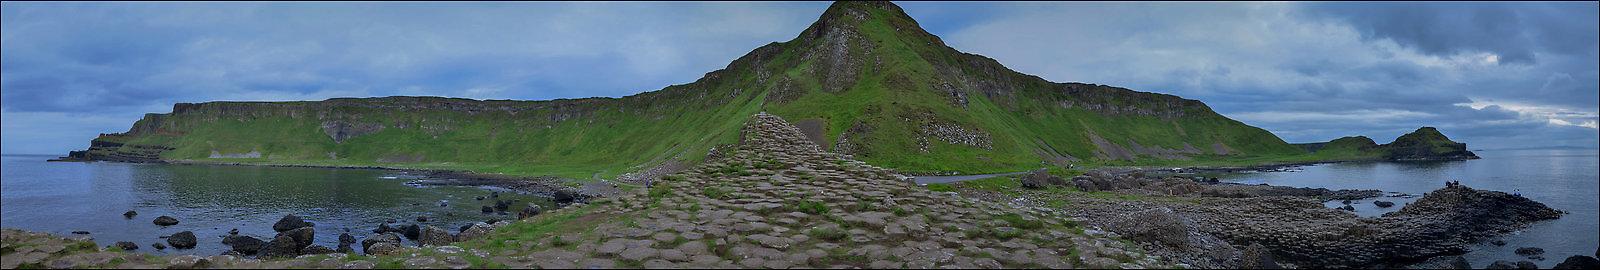 Ireland GiantsCauseway 2014 06 13 PG 075